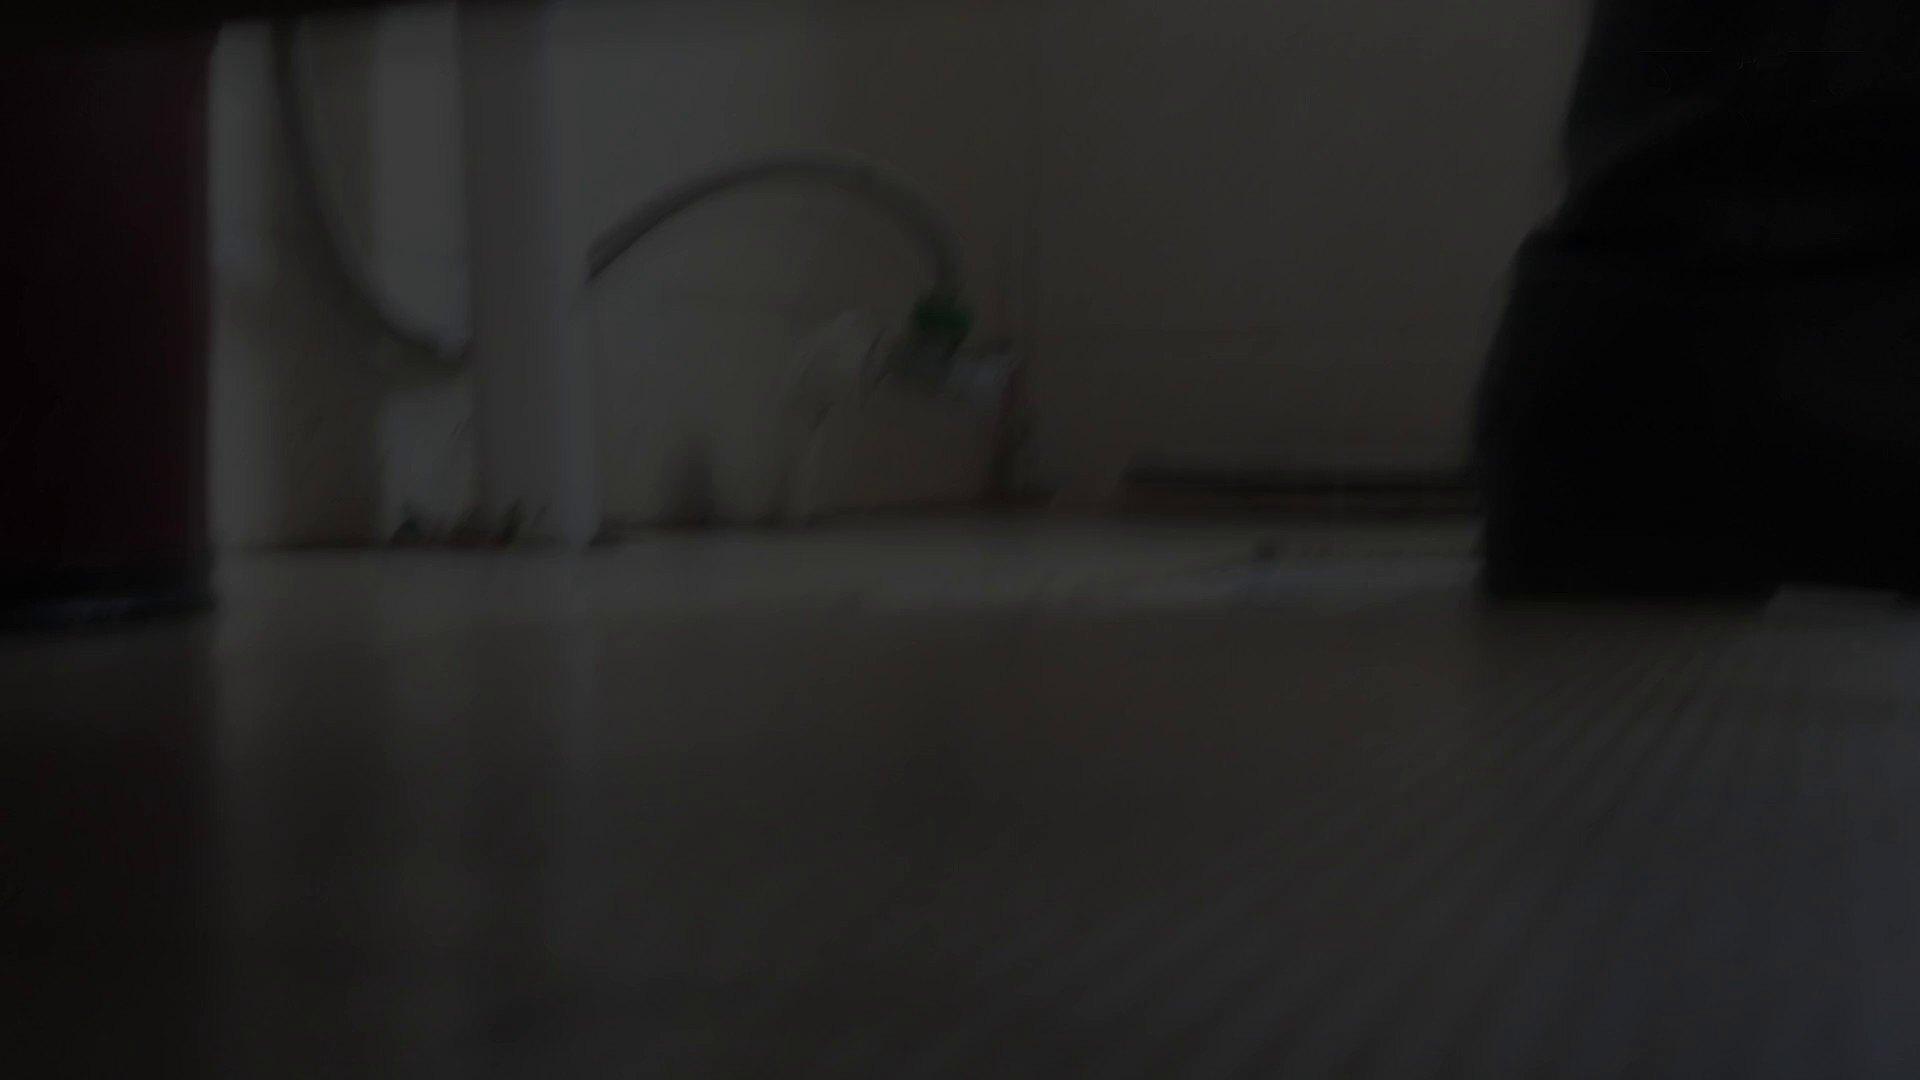 芸術大学ガチ潜入盗撮 JD盗撮 美女の洗面所の秘密 Vol.112 美女のボディ セックス画像 92PIX 22